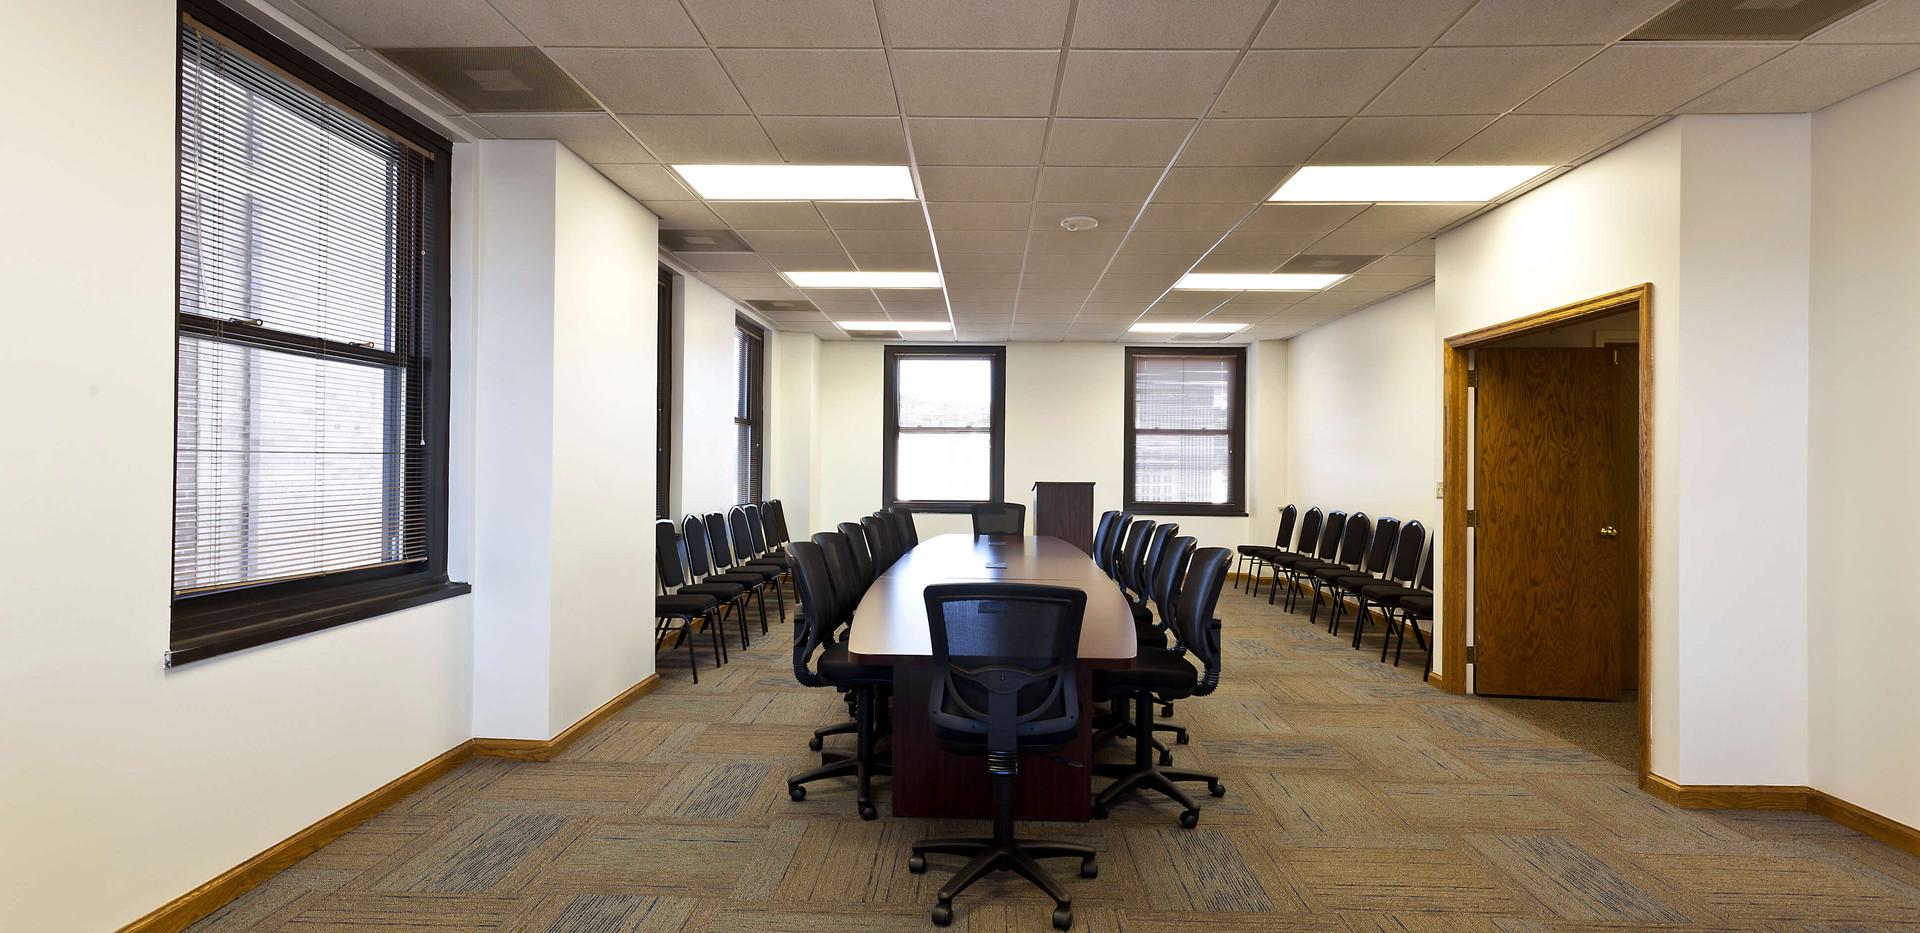 KVB - Conference Room